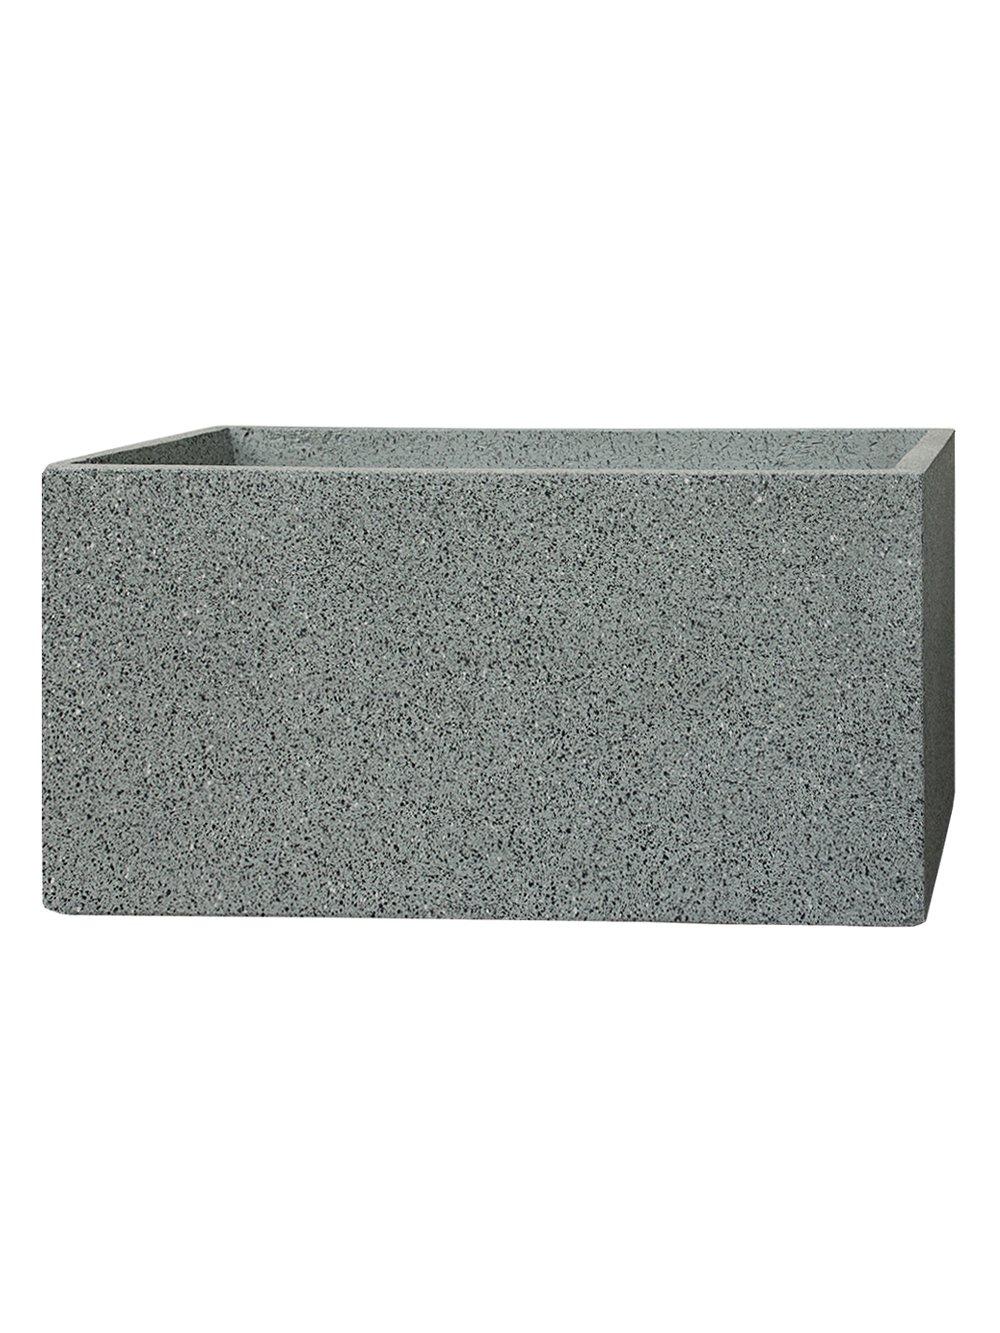 PFLANZWERK® Pflanzkübel TUB Granit Grau 45x100x45cm *Frostbeständig* *UV-Schutz* *Qualitätsware*